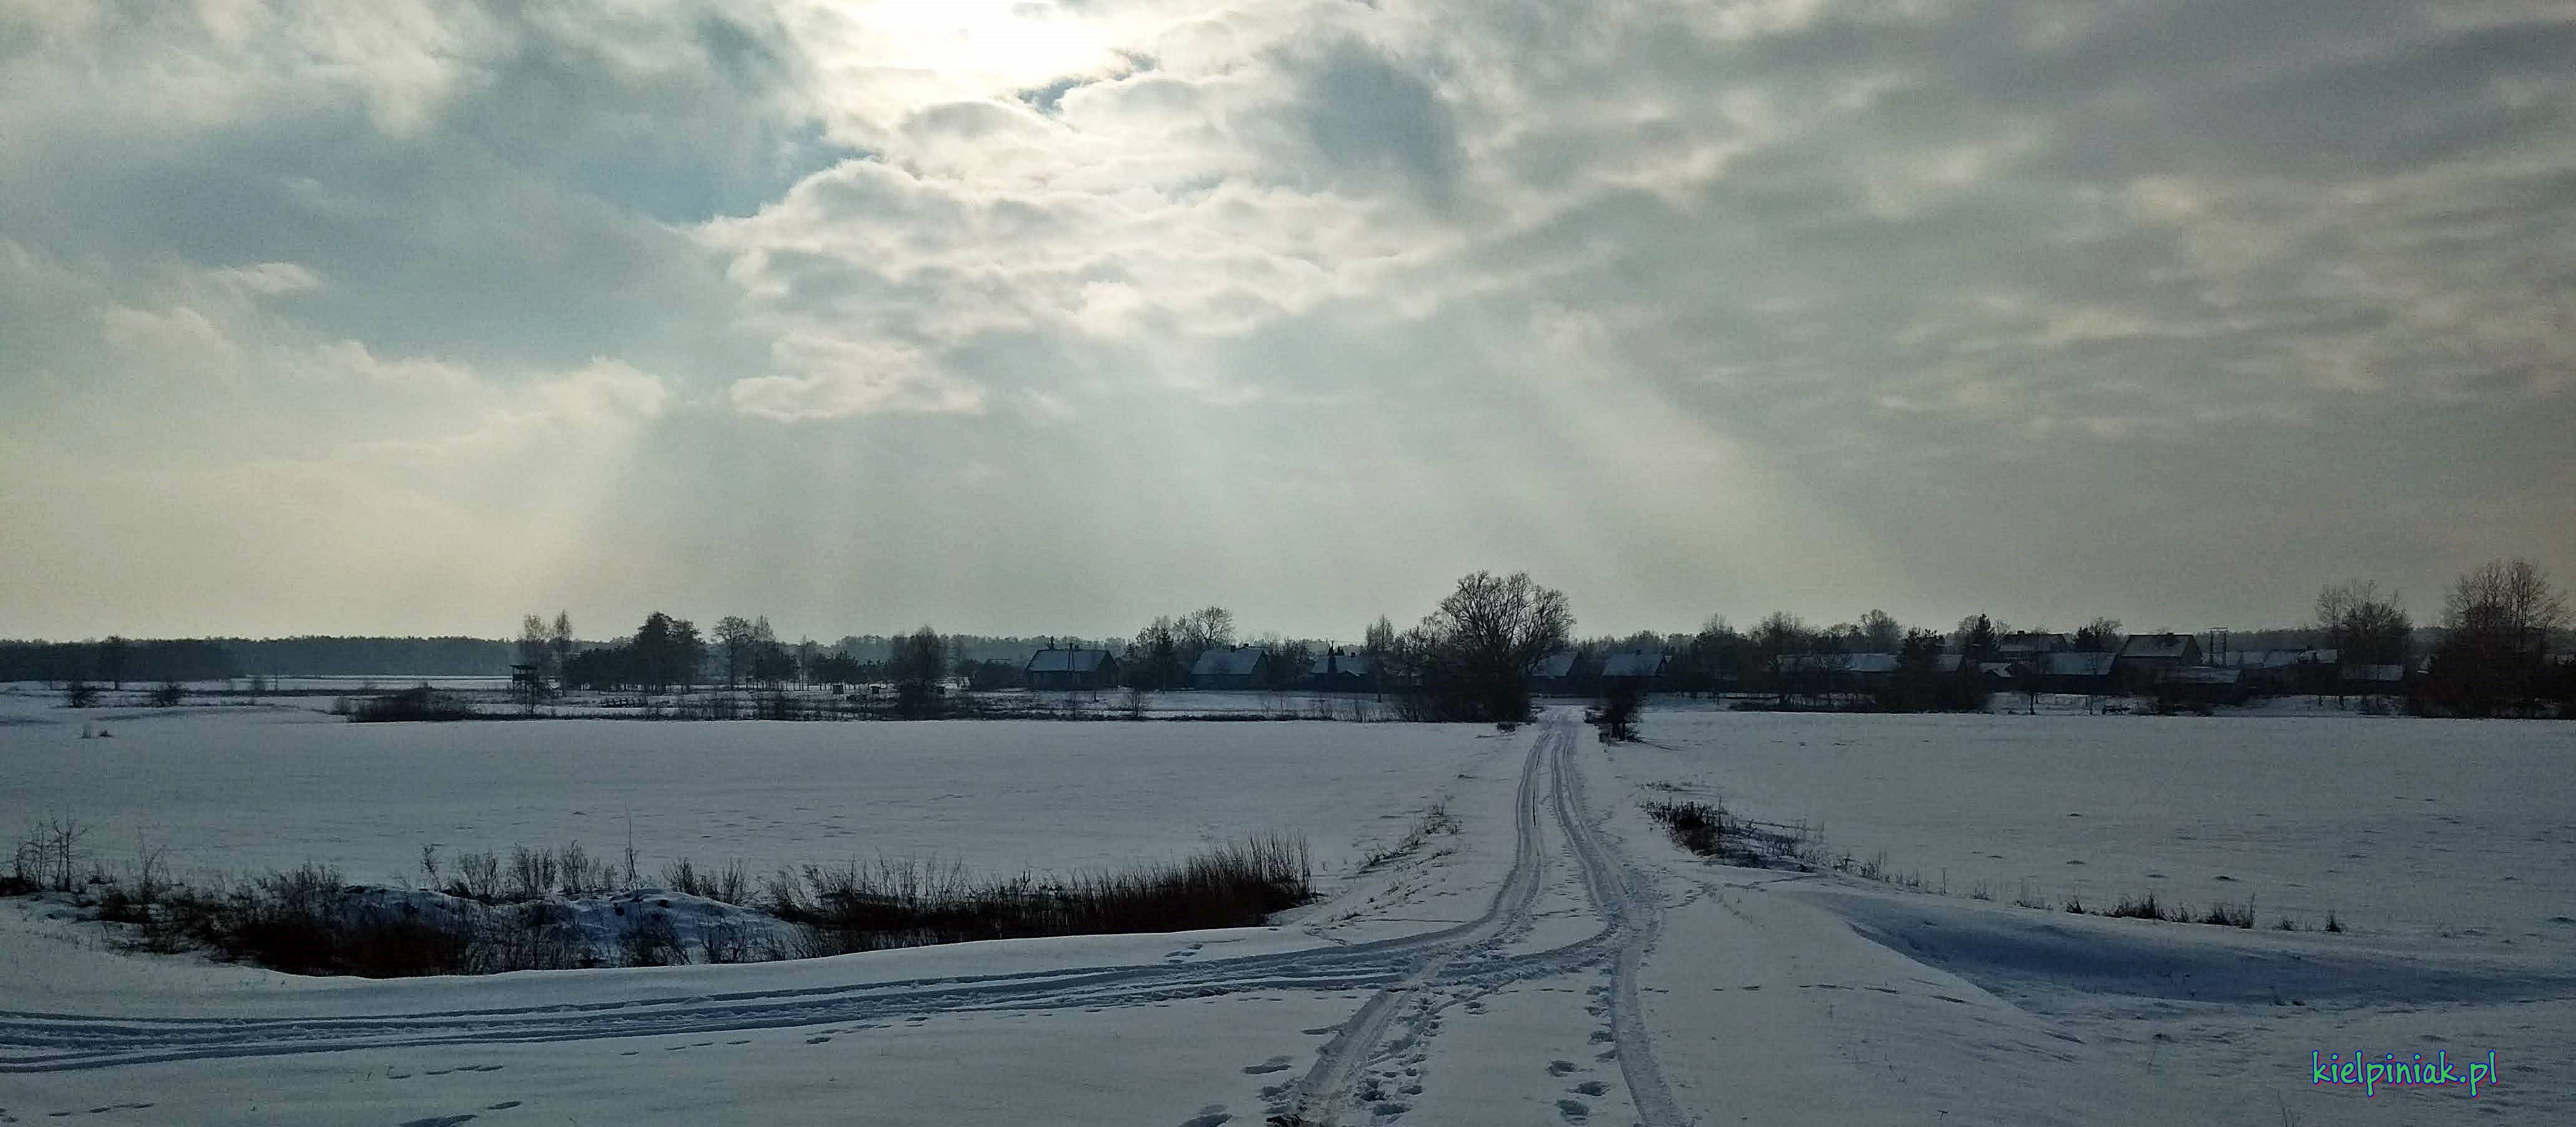 piękny widok, tapety NPK zimą 2019